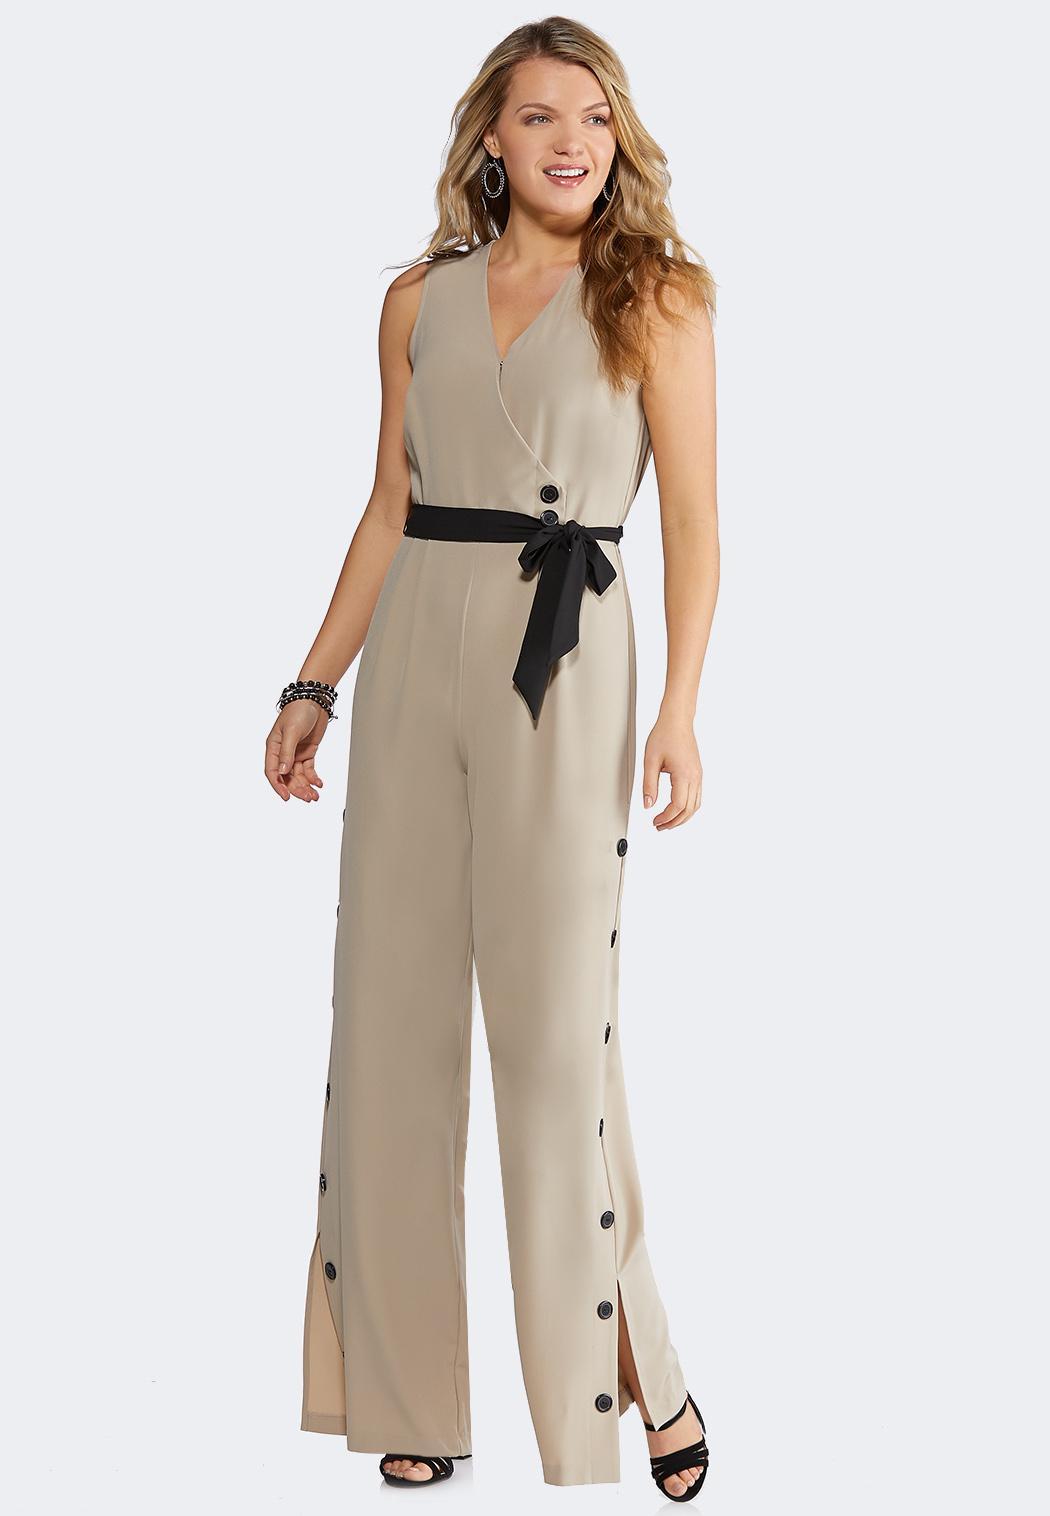 825027b06d6 Plus Size Women s Clothing